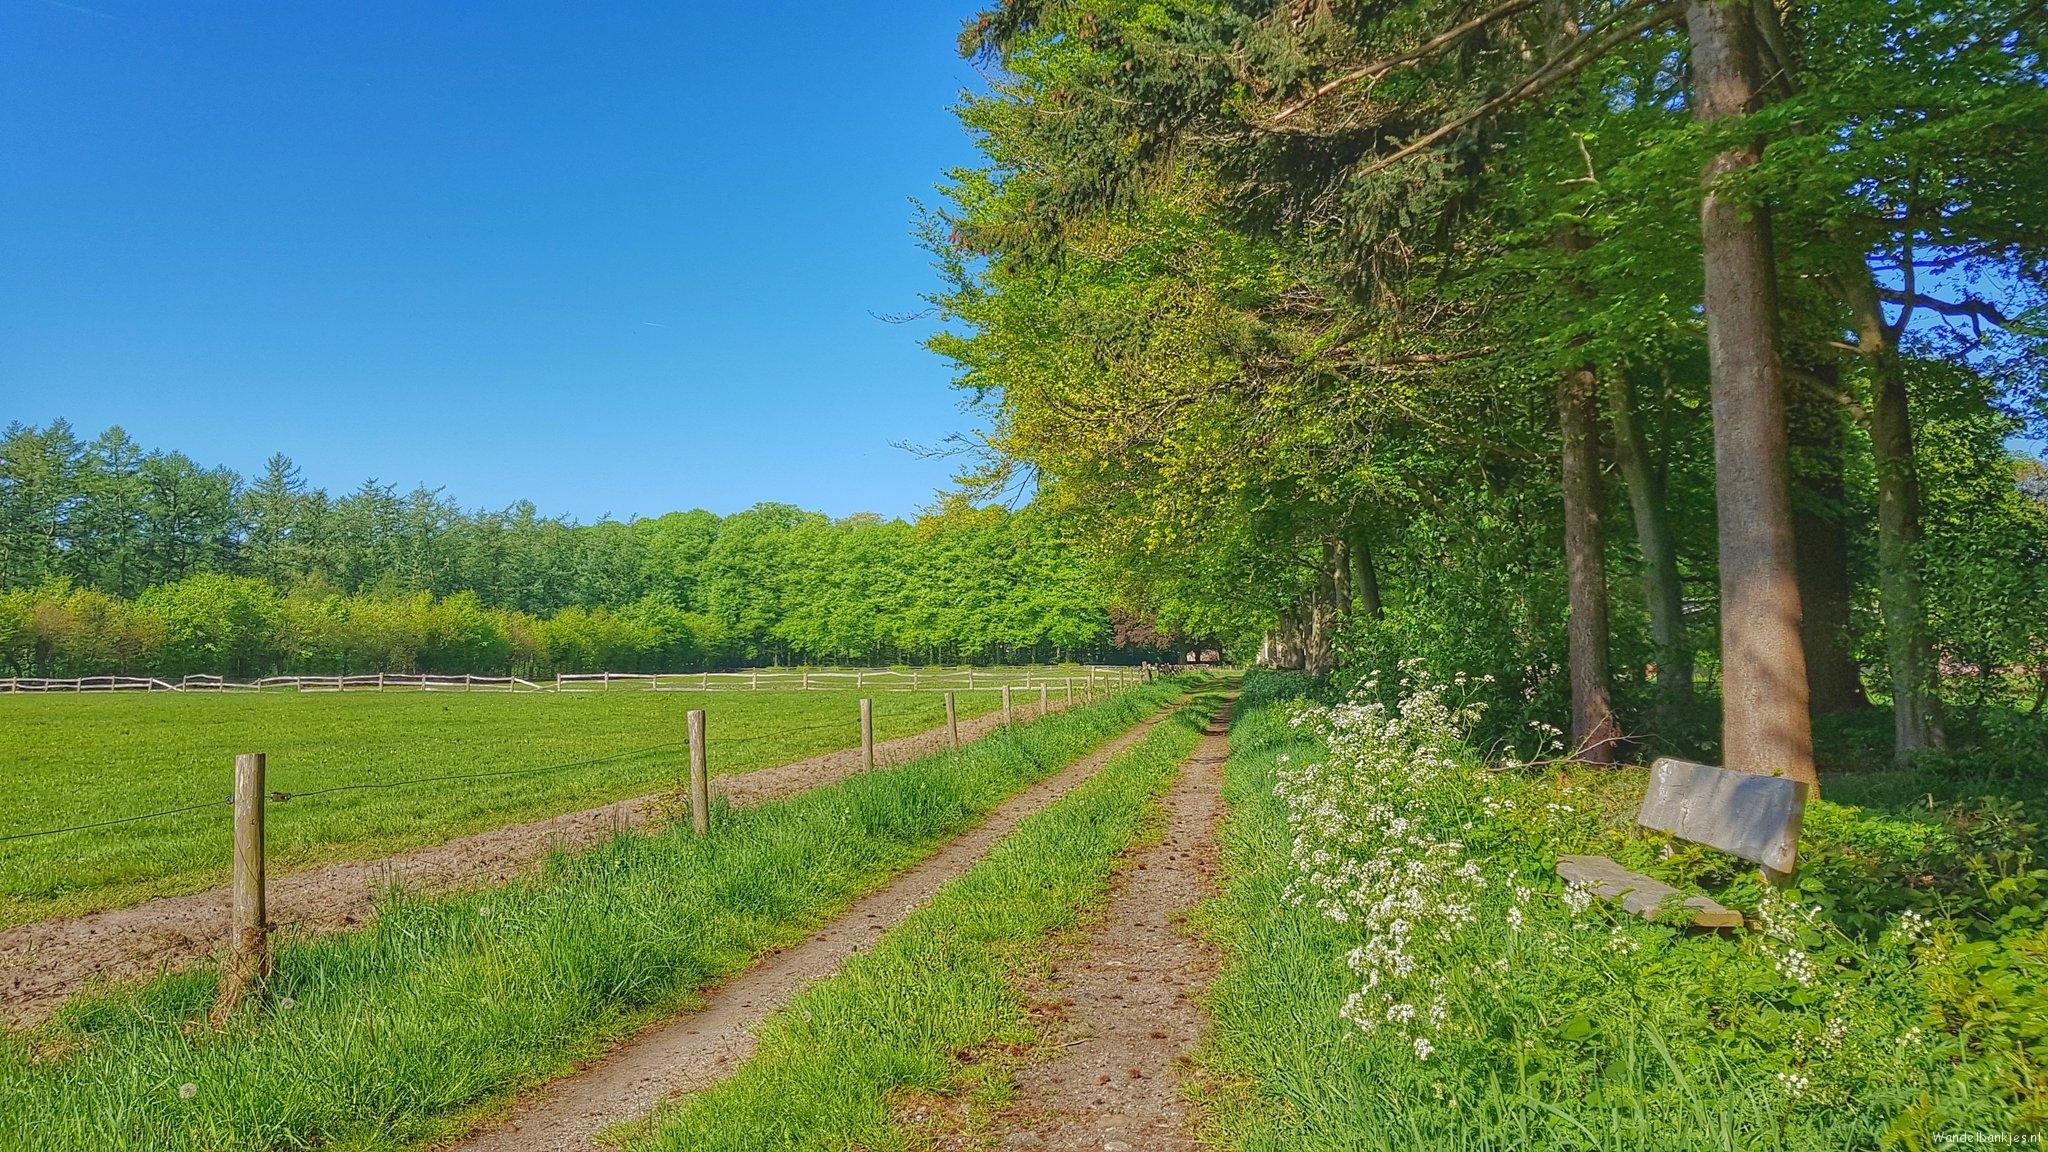 rt-wolfswandelplan-den-alerdinck-at-heino-hiking-benches-https-t-co-rvi5qposfz